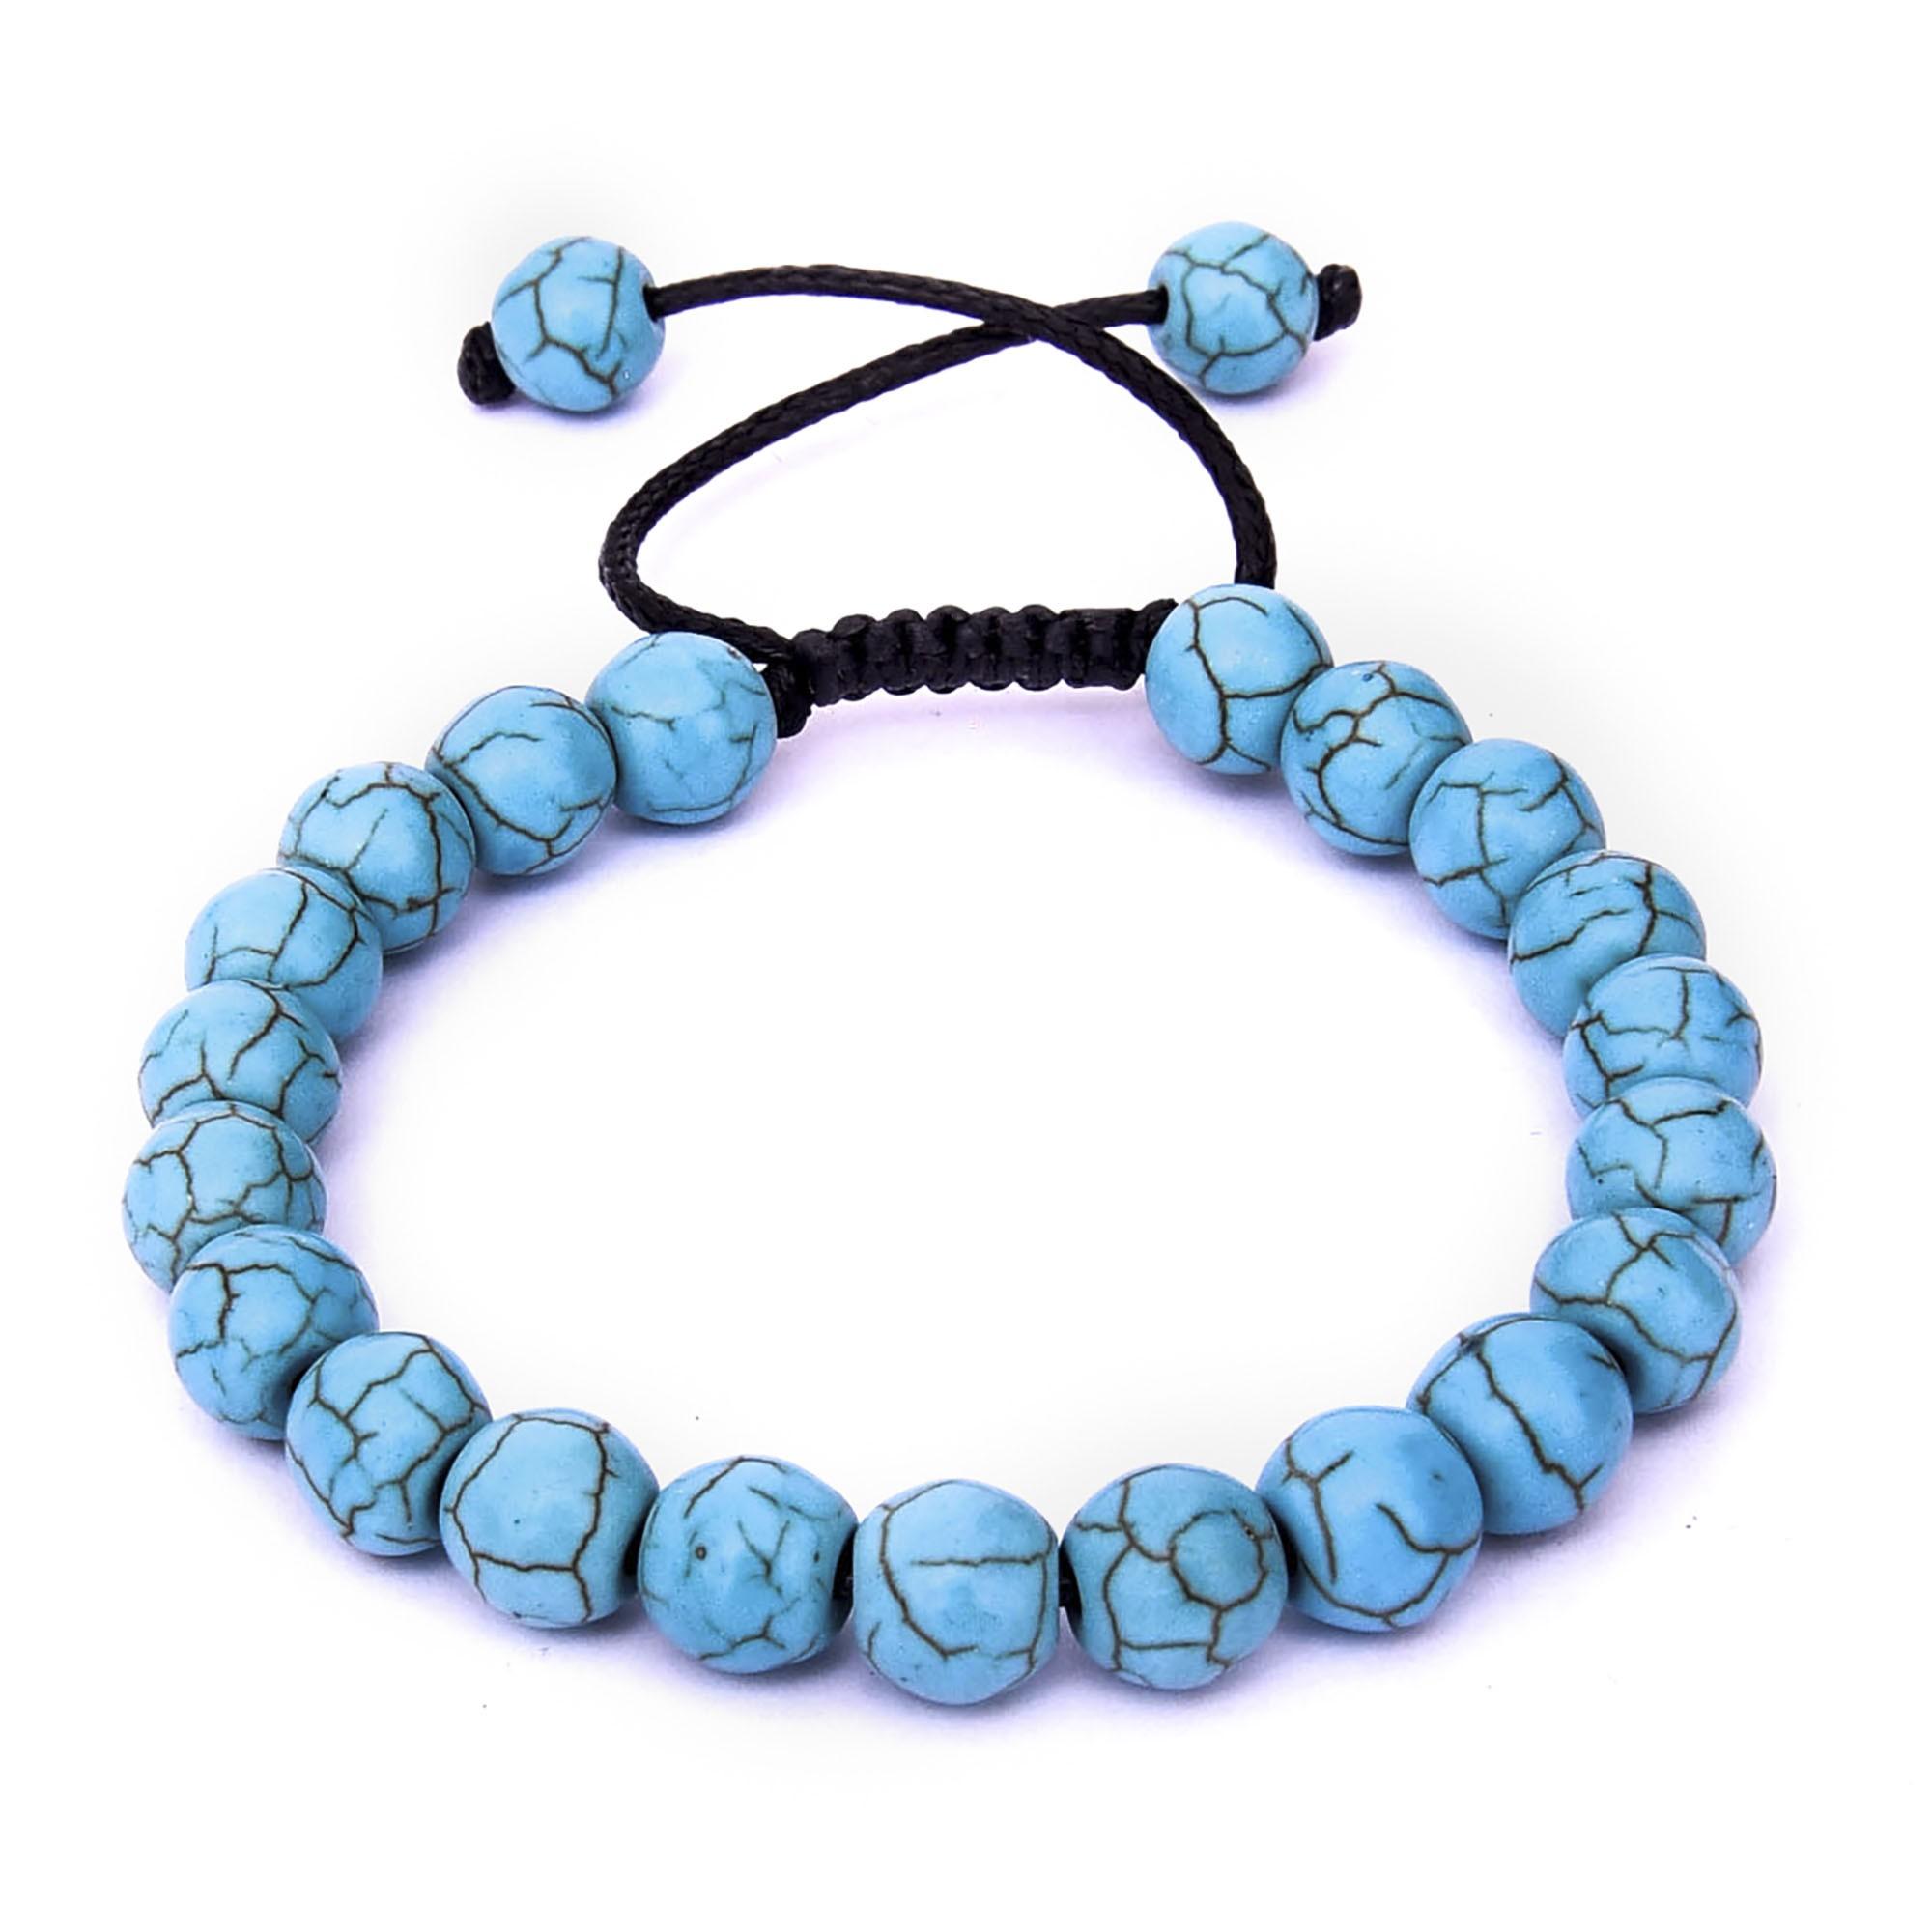 Pulseira De Pedra Natural Azul Turquesa - Ajustável  - Style Empório